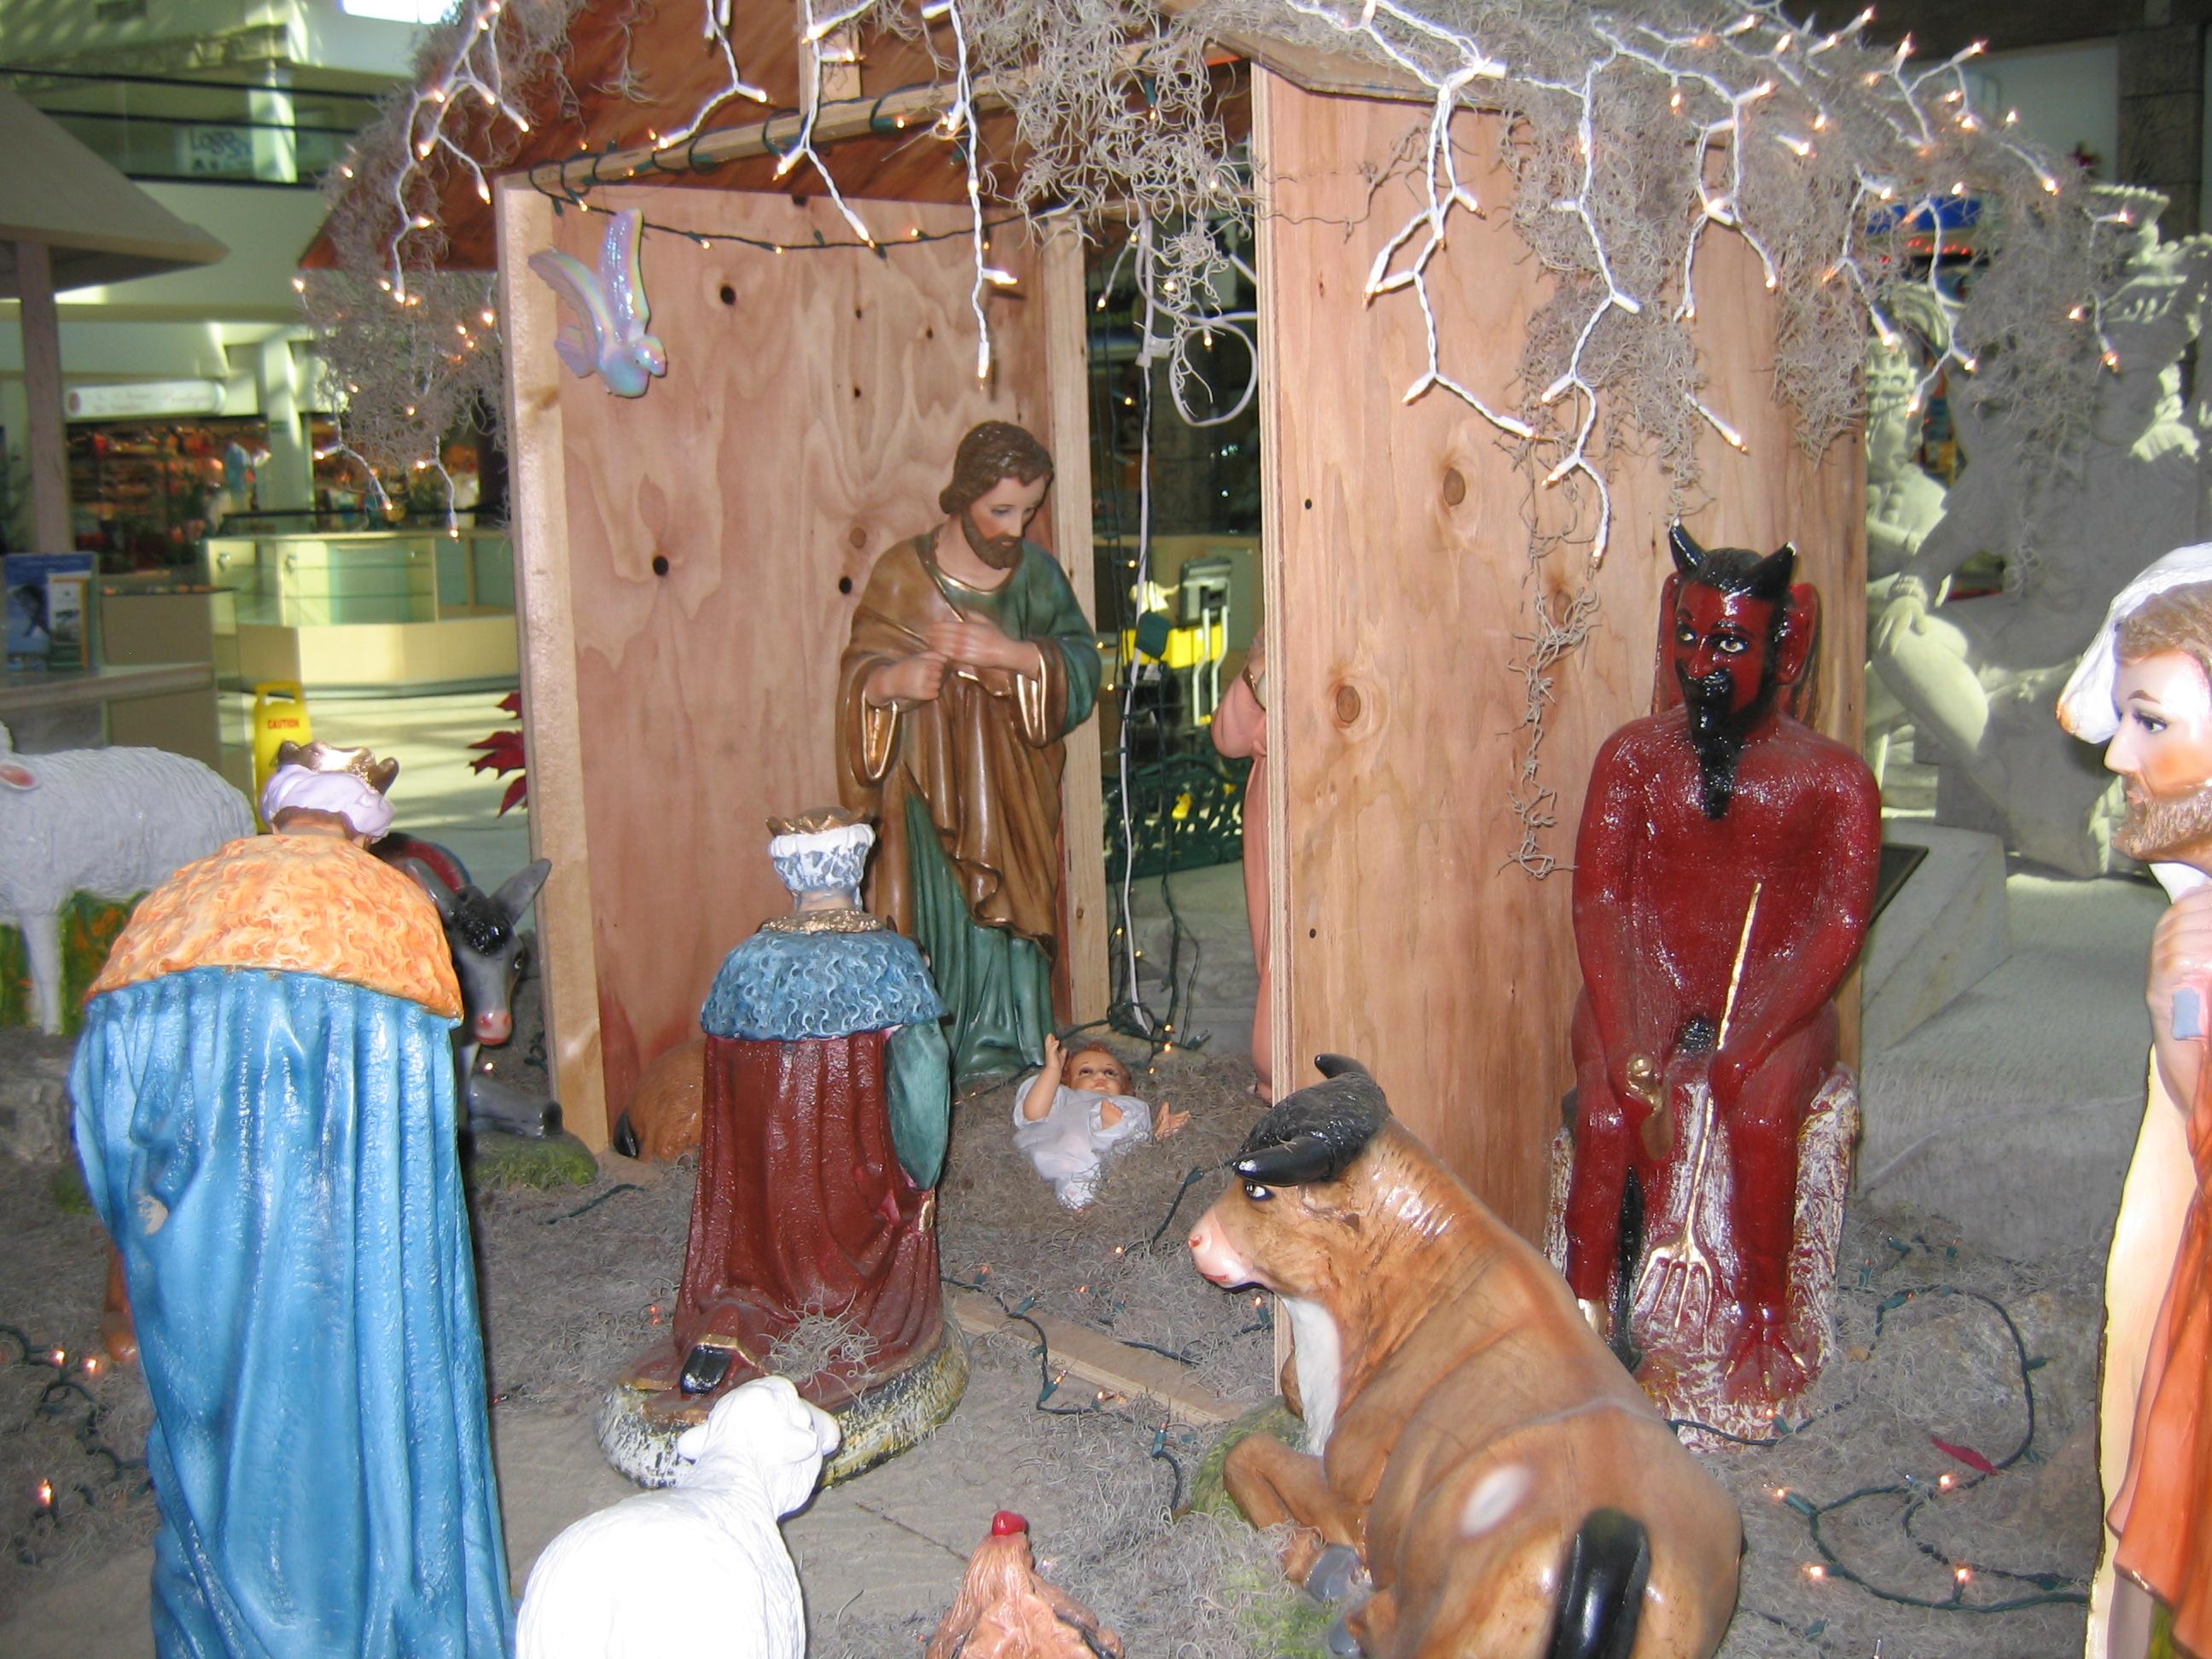 The Mexican nativity scene